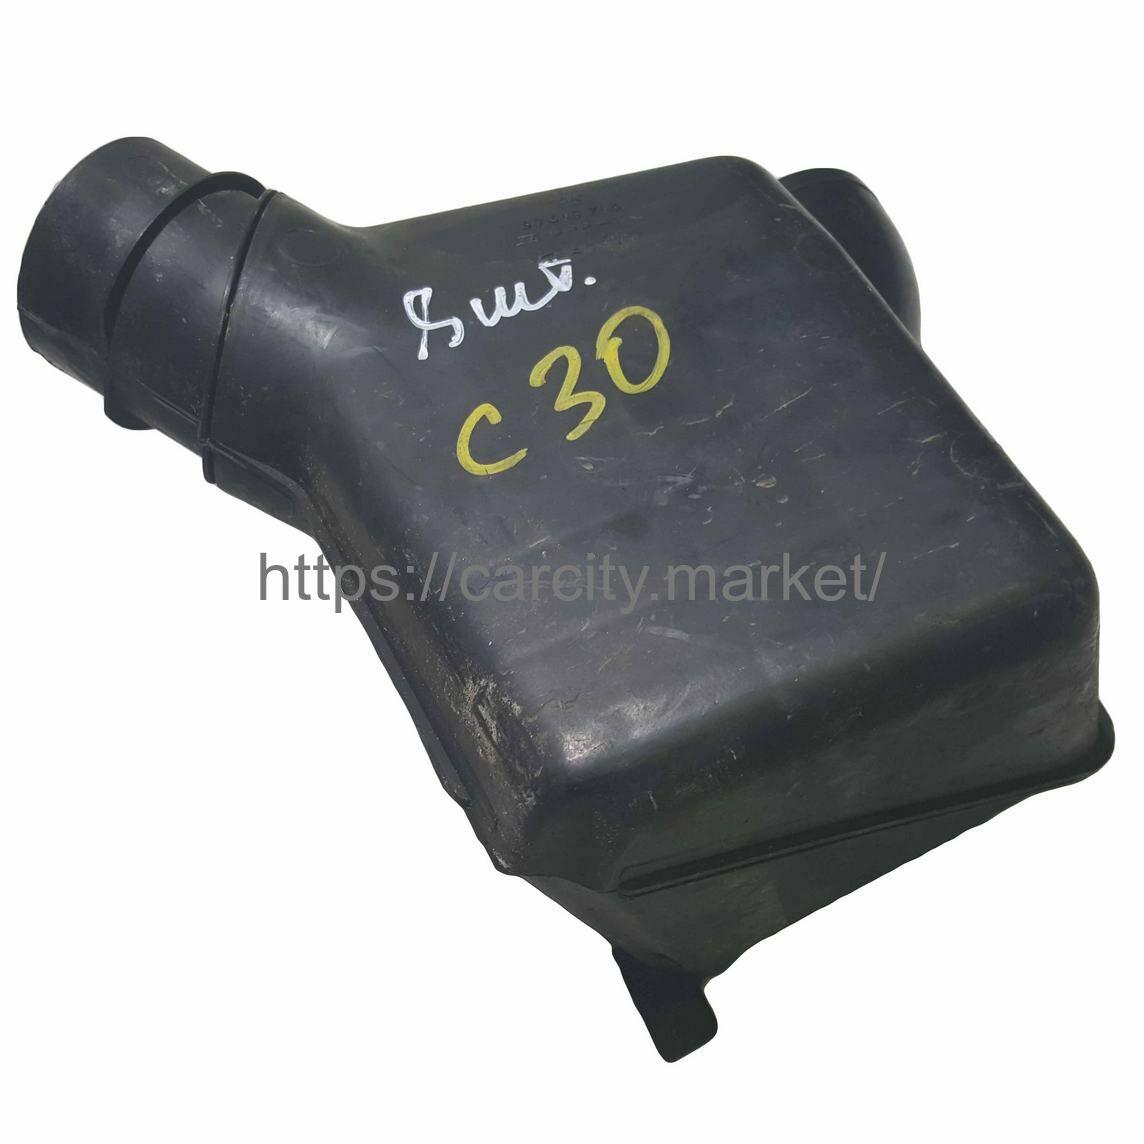 Резонатор воздушного фильтра SAAB 900/9-3 купить в Карсти Маркет